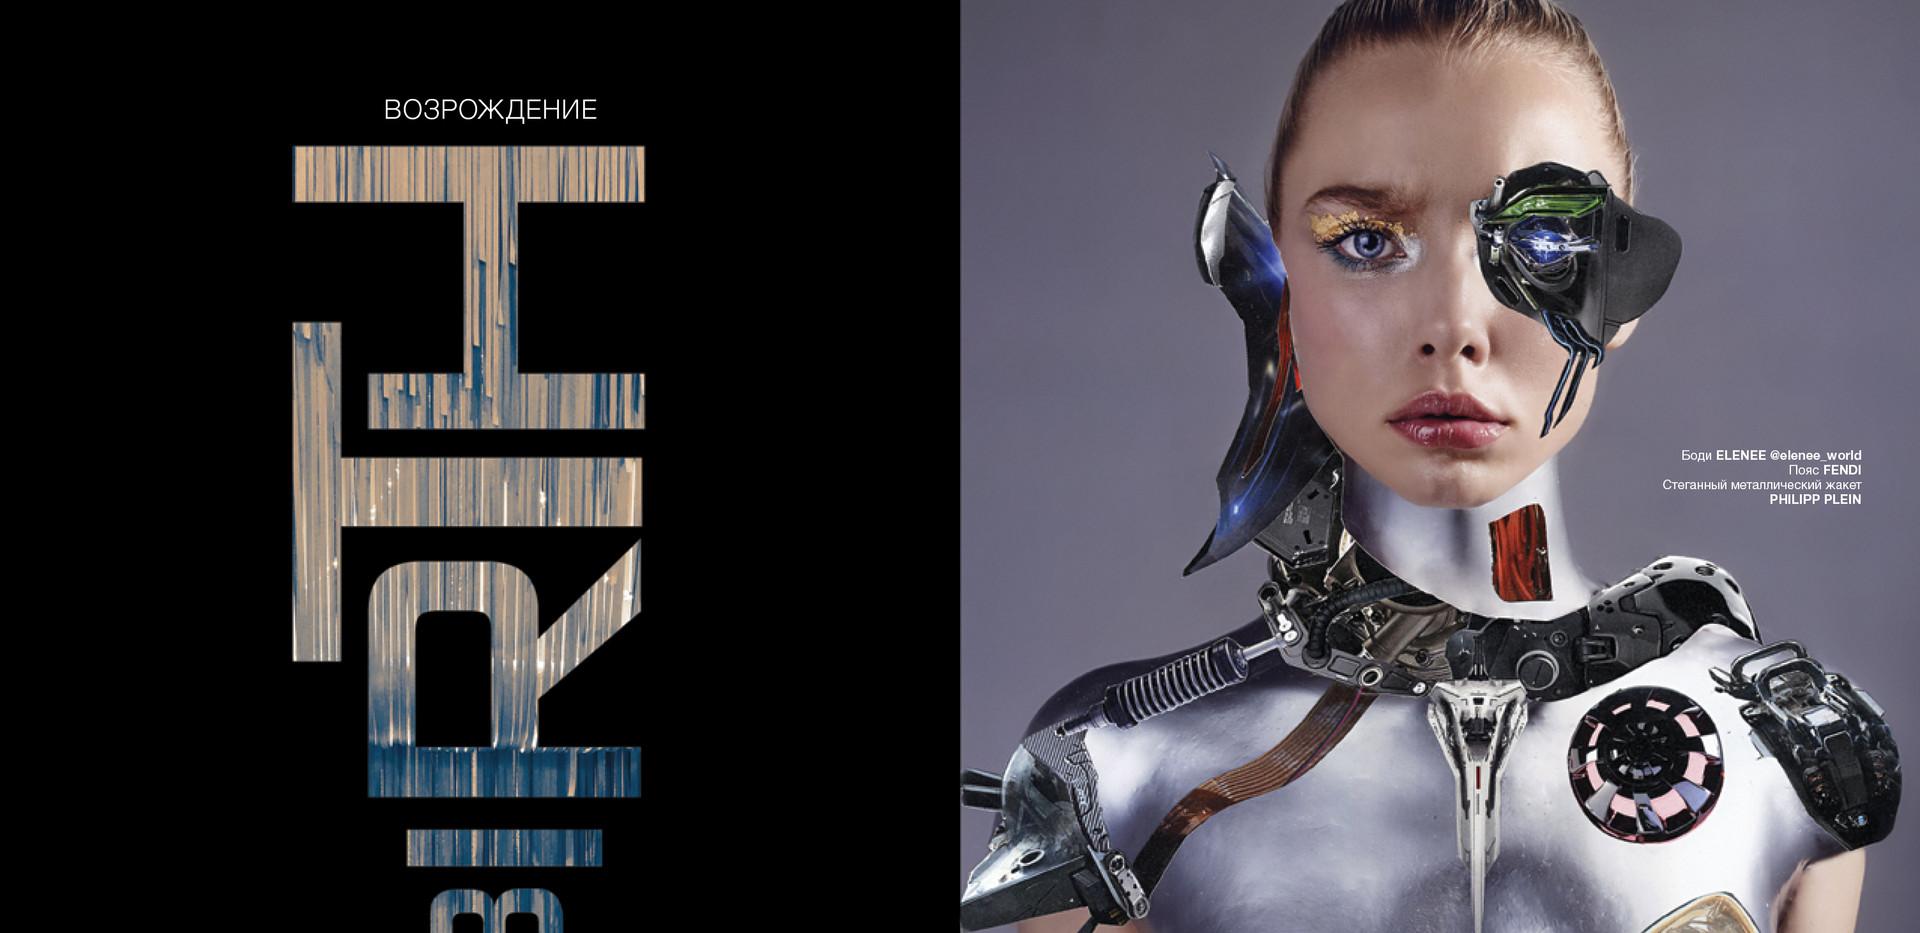 Photo: George Livieratos Magazine: Numérorussia 54 Work: Rebirth Model: Serena Ihnatiuc, Julialeine Weber